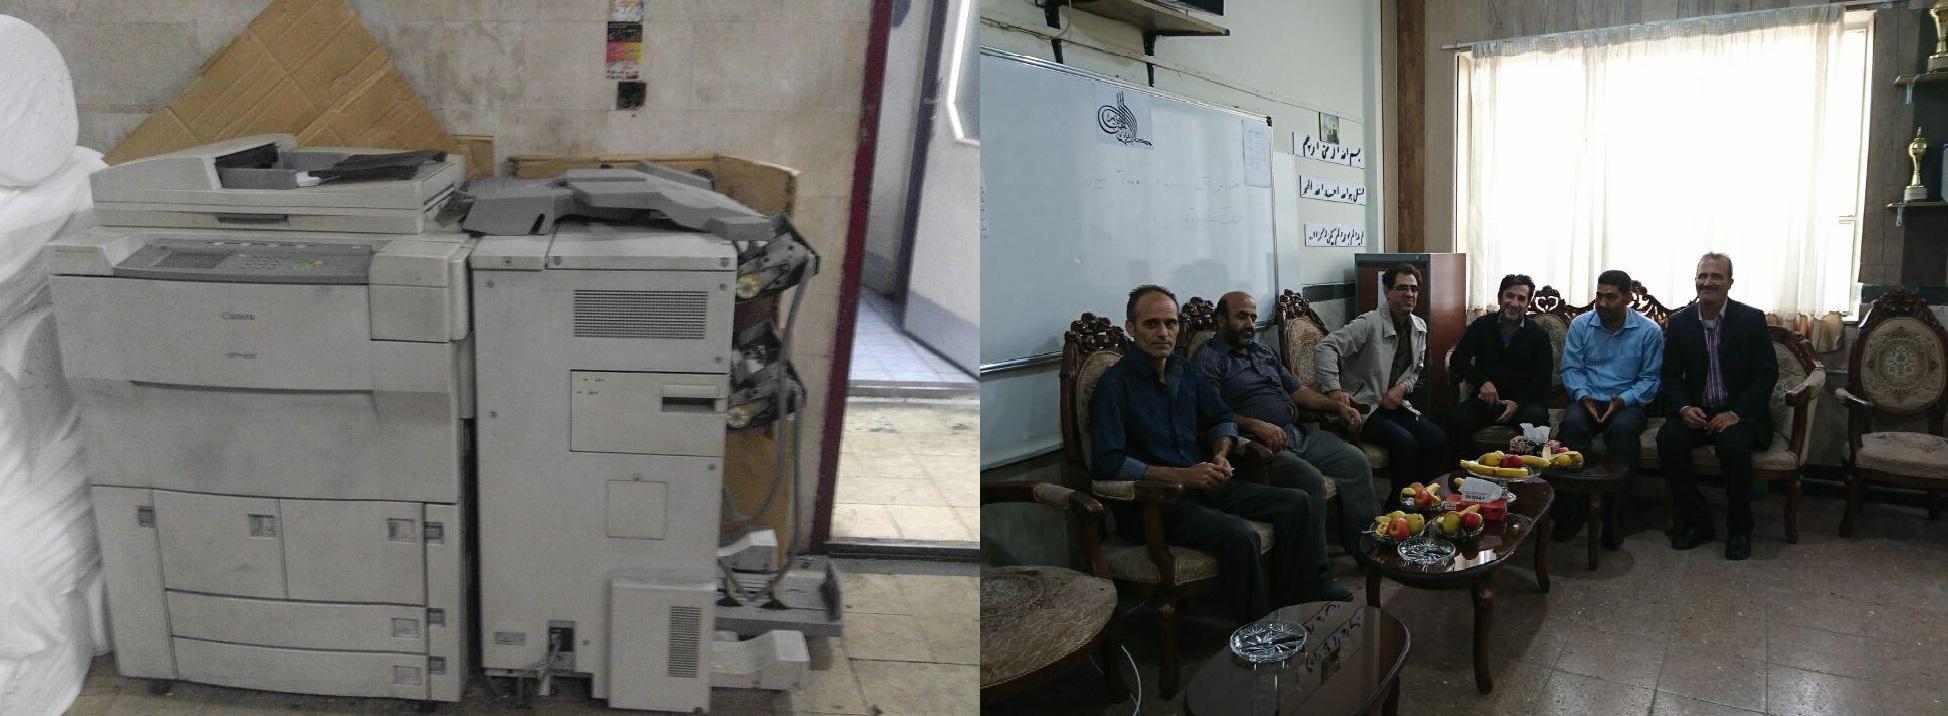 اهدای دستگاه تکثیر از طرف سازنده و خیر مدرسه جناب آقای مهندس پورمهدی